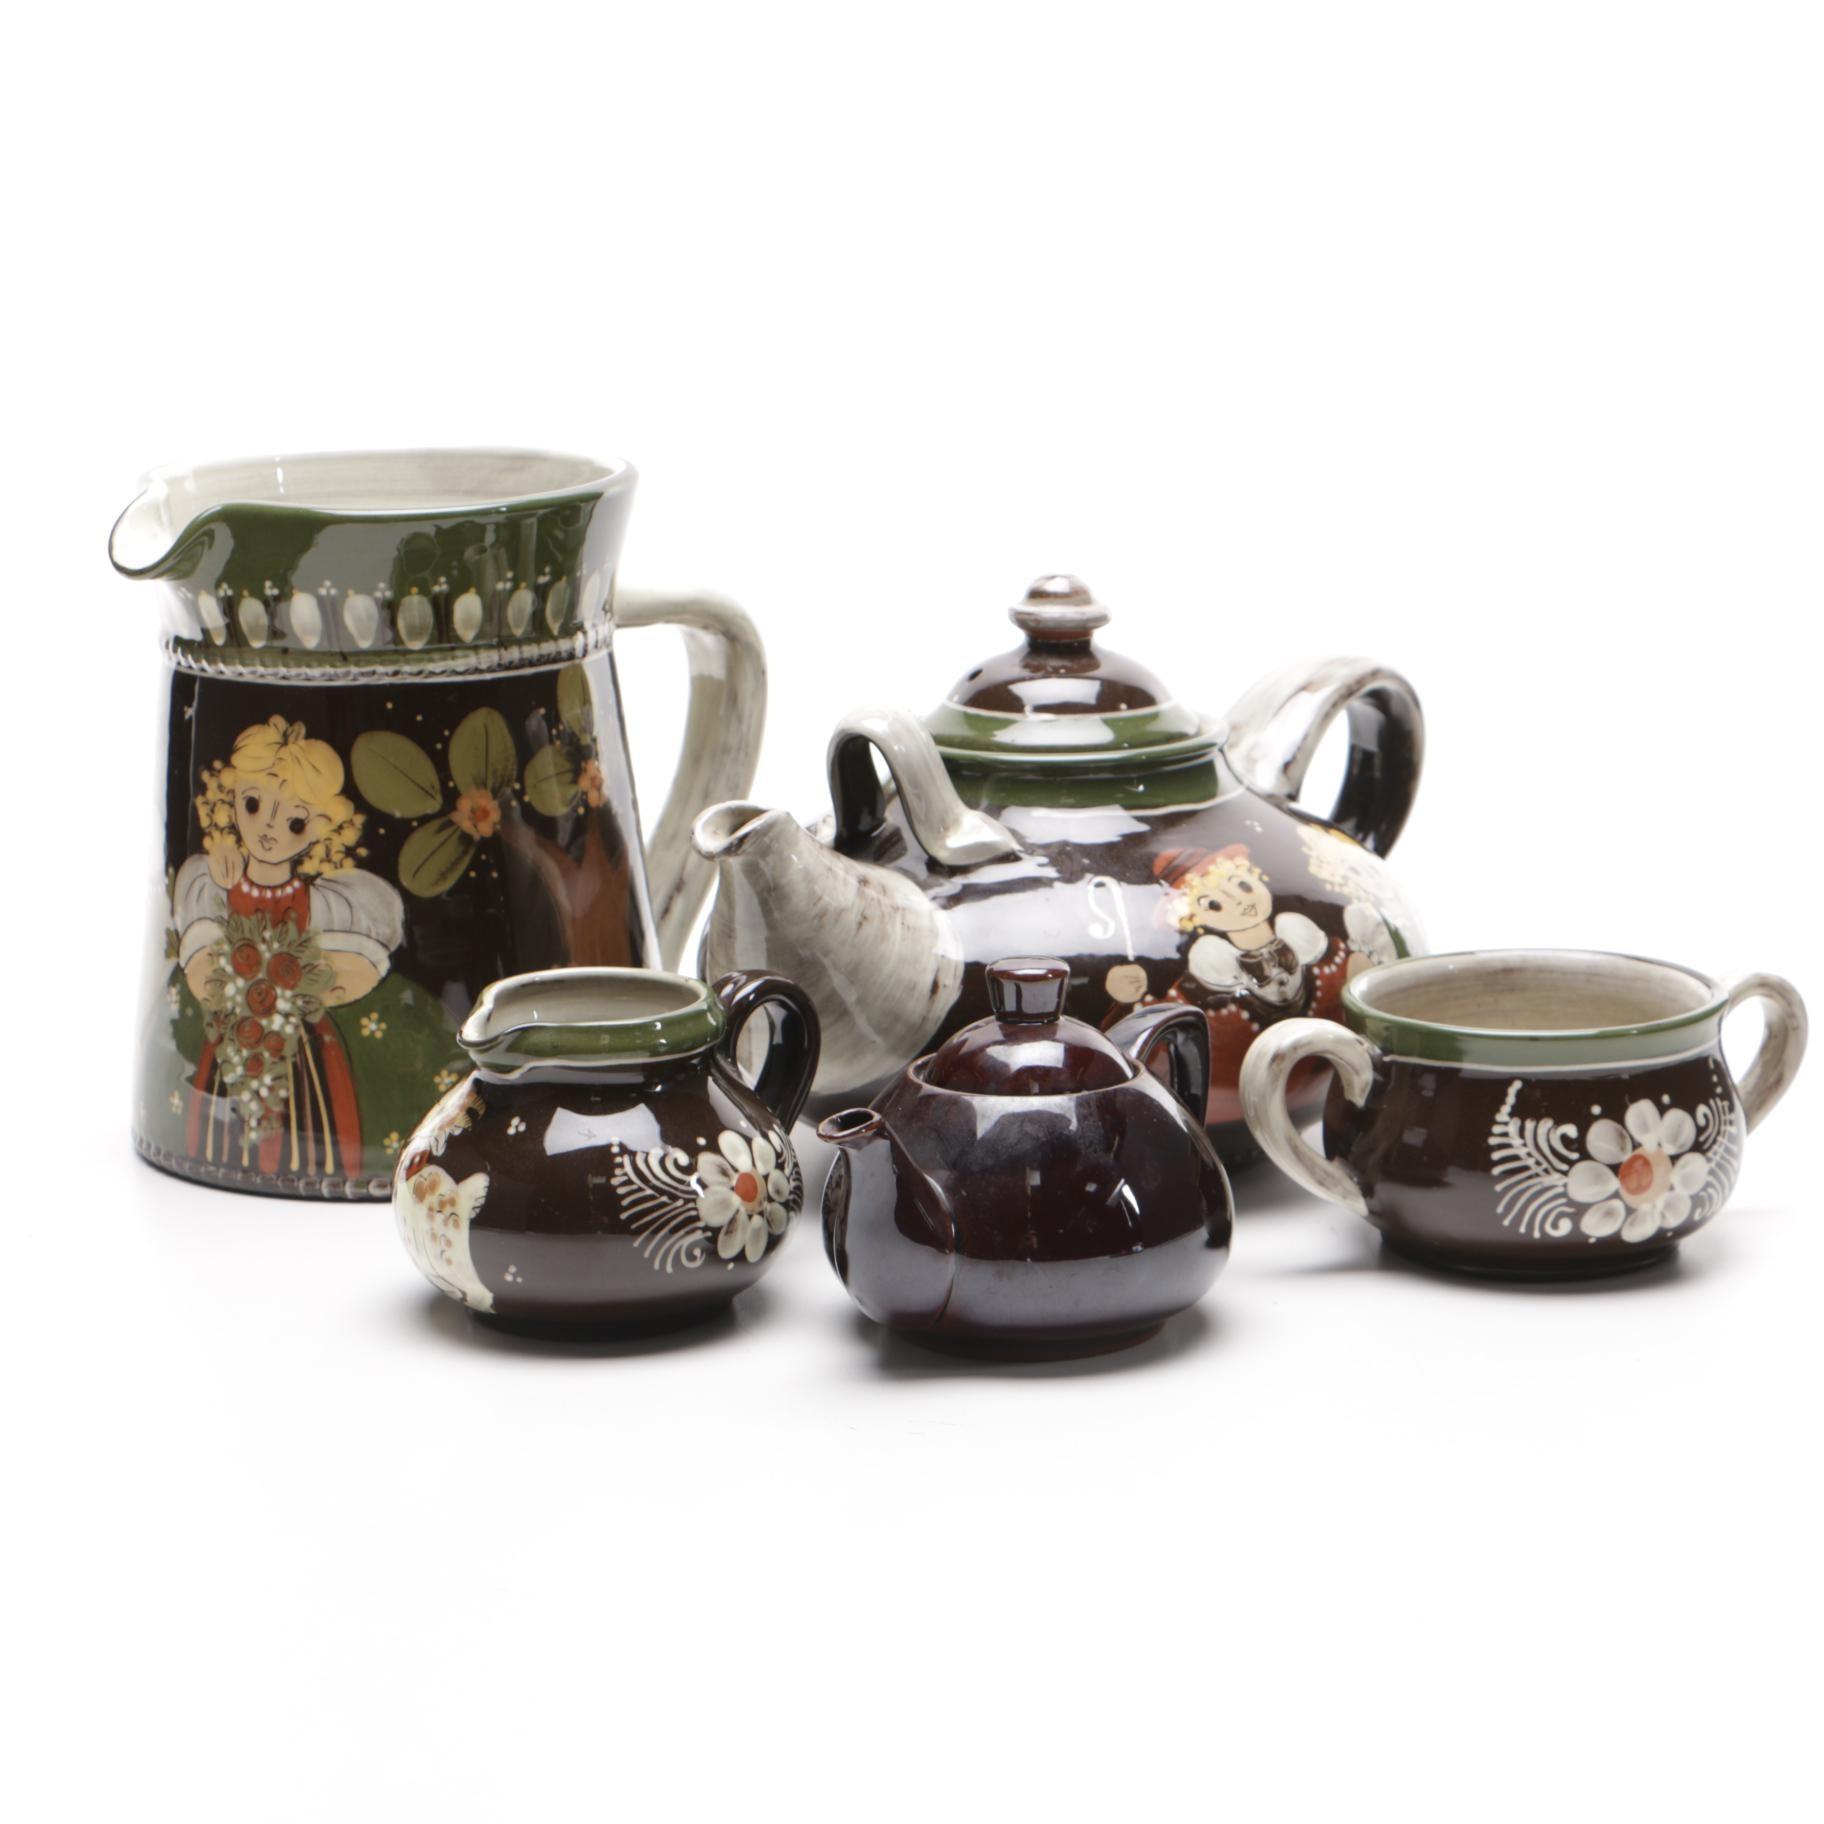 Bavarian Pottery Tea Set